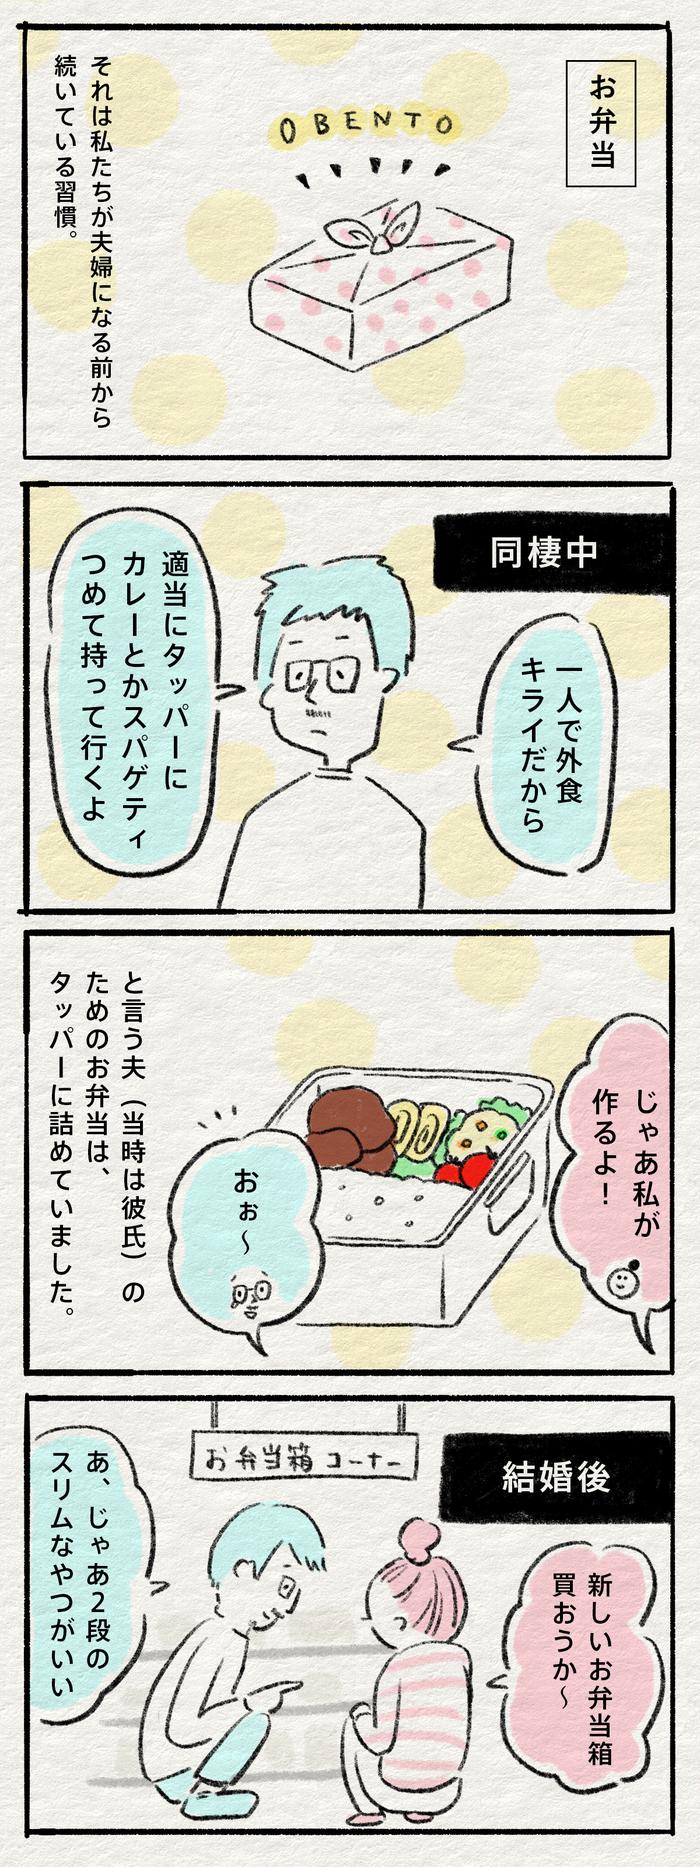 形は変わっても…。家族をつなぐ、我が家の「お弁当」の話の画像1